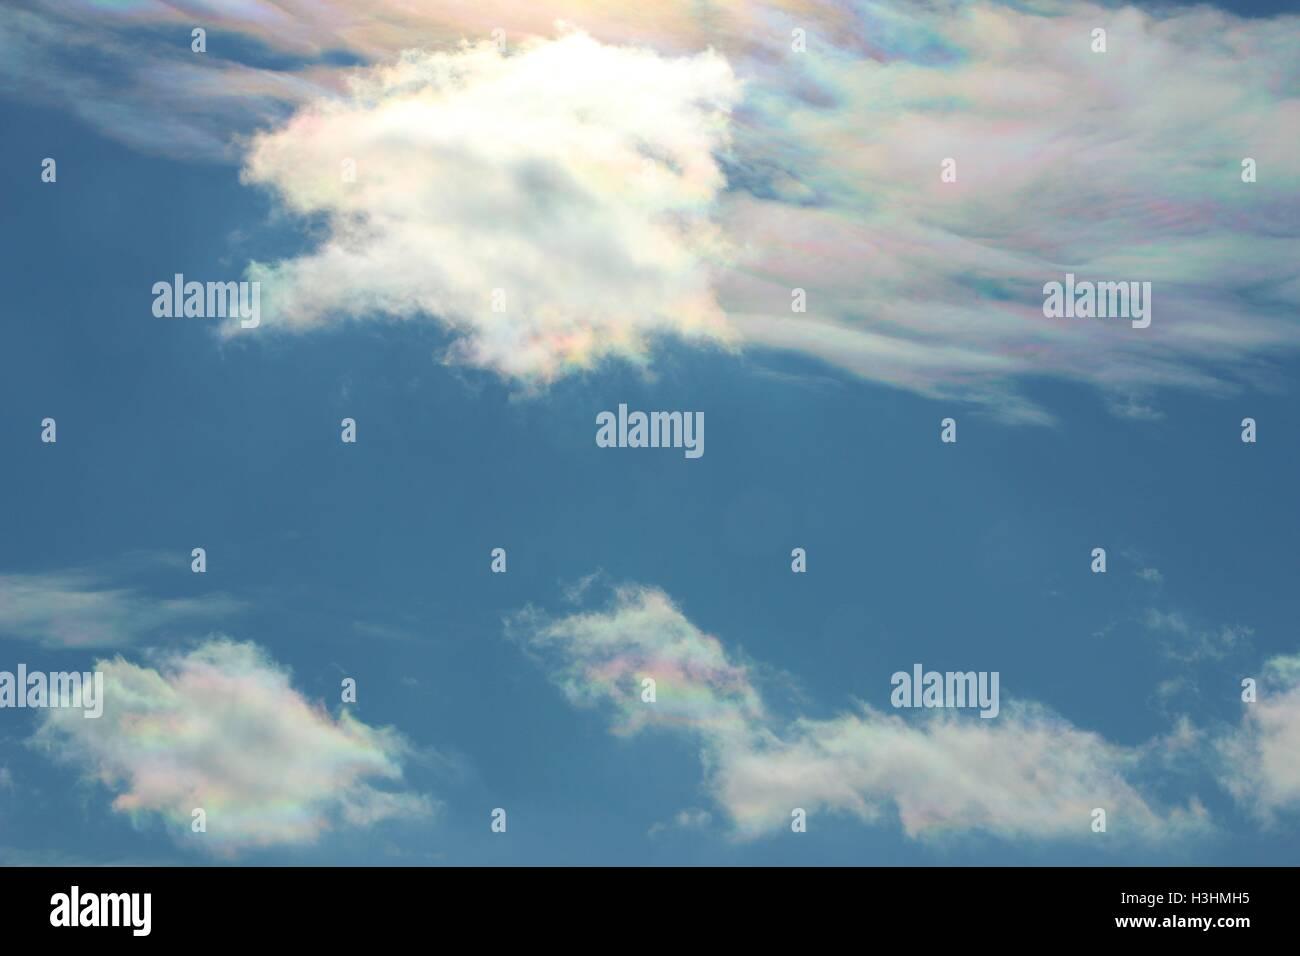 Tenues nubes de Arco iris en un frío azul cielo de invierno Foto de stock